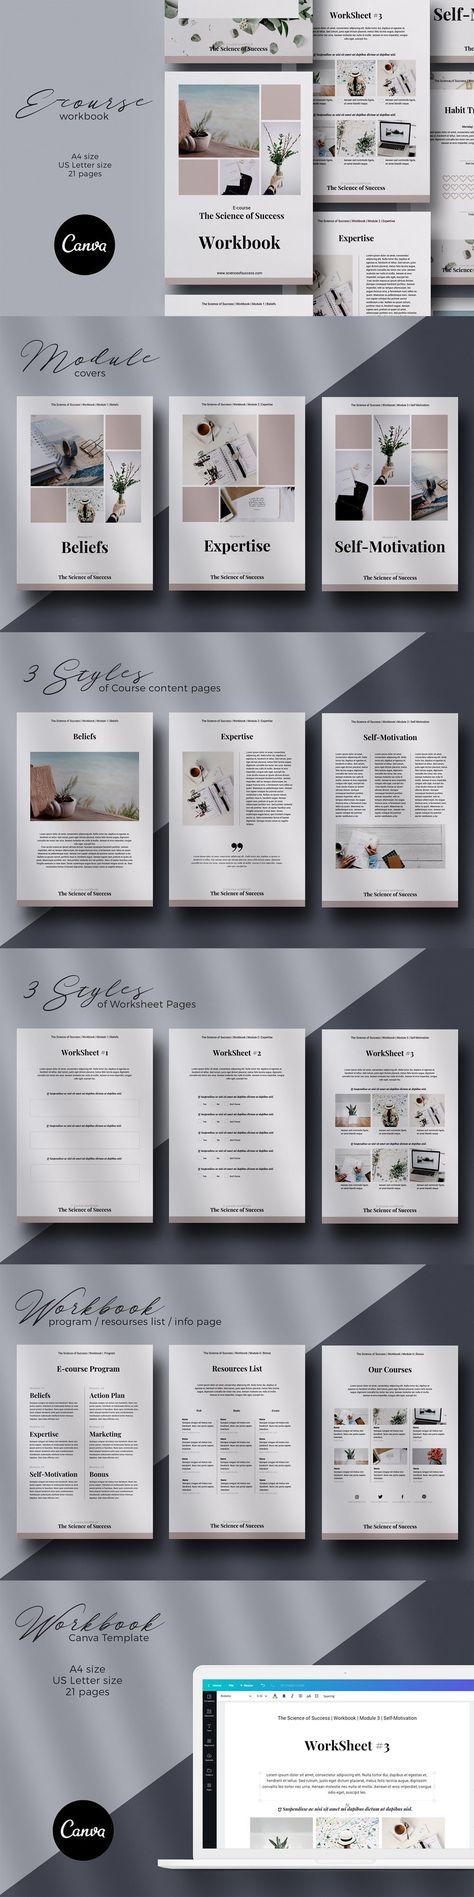 Canva E-course Workbook Template